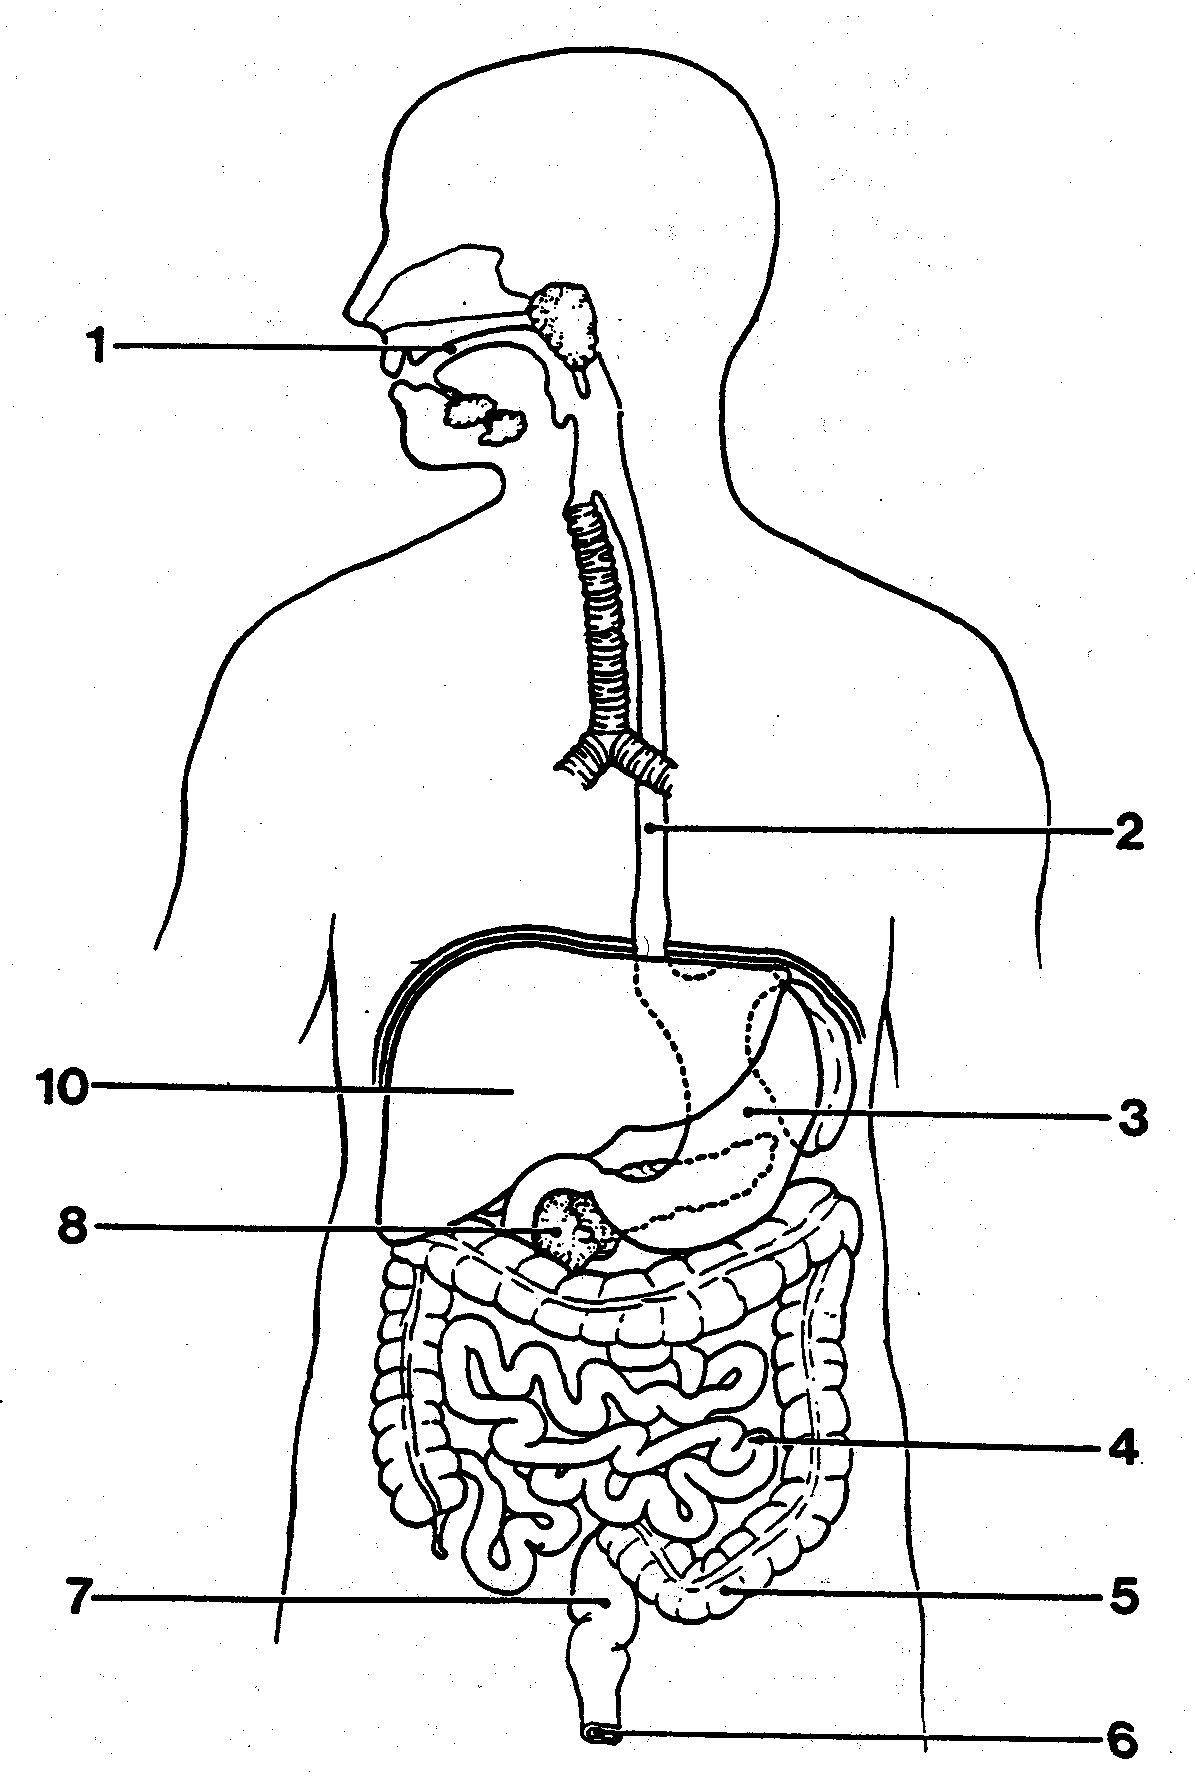 Digestive System Coloring Worksheet Digestive System Worksheet Digestive System Diagram Human Digestive System